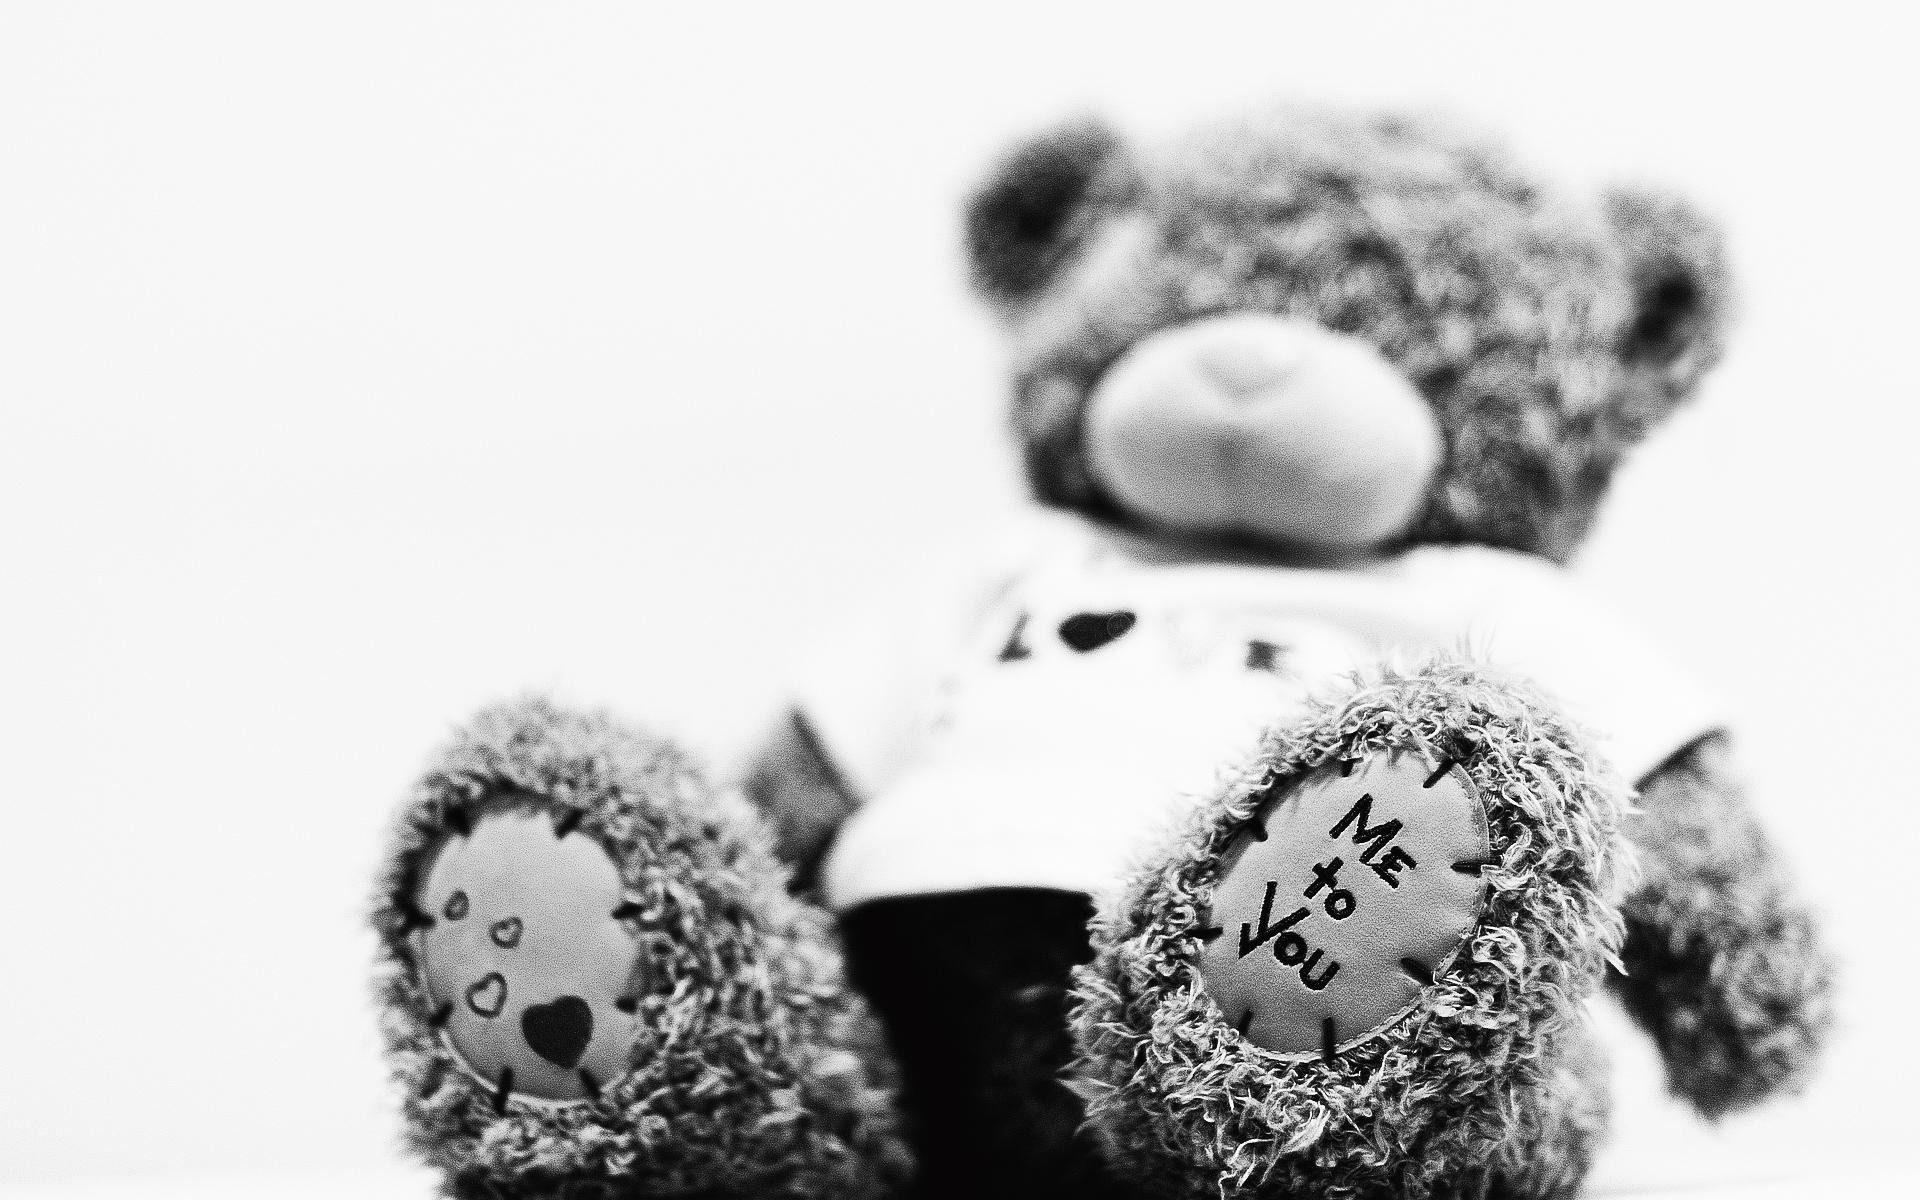 62891 скачать обои Разное, Мишка Тедди, Плюшевый, Медведь, Игрушка, Мягкий - заставки и картинки бесплатно